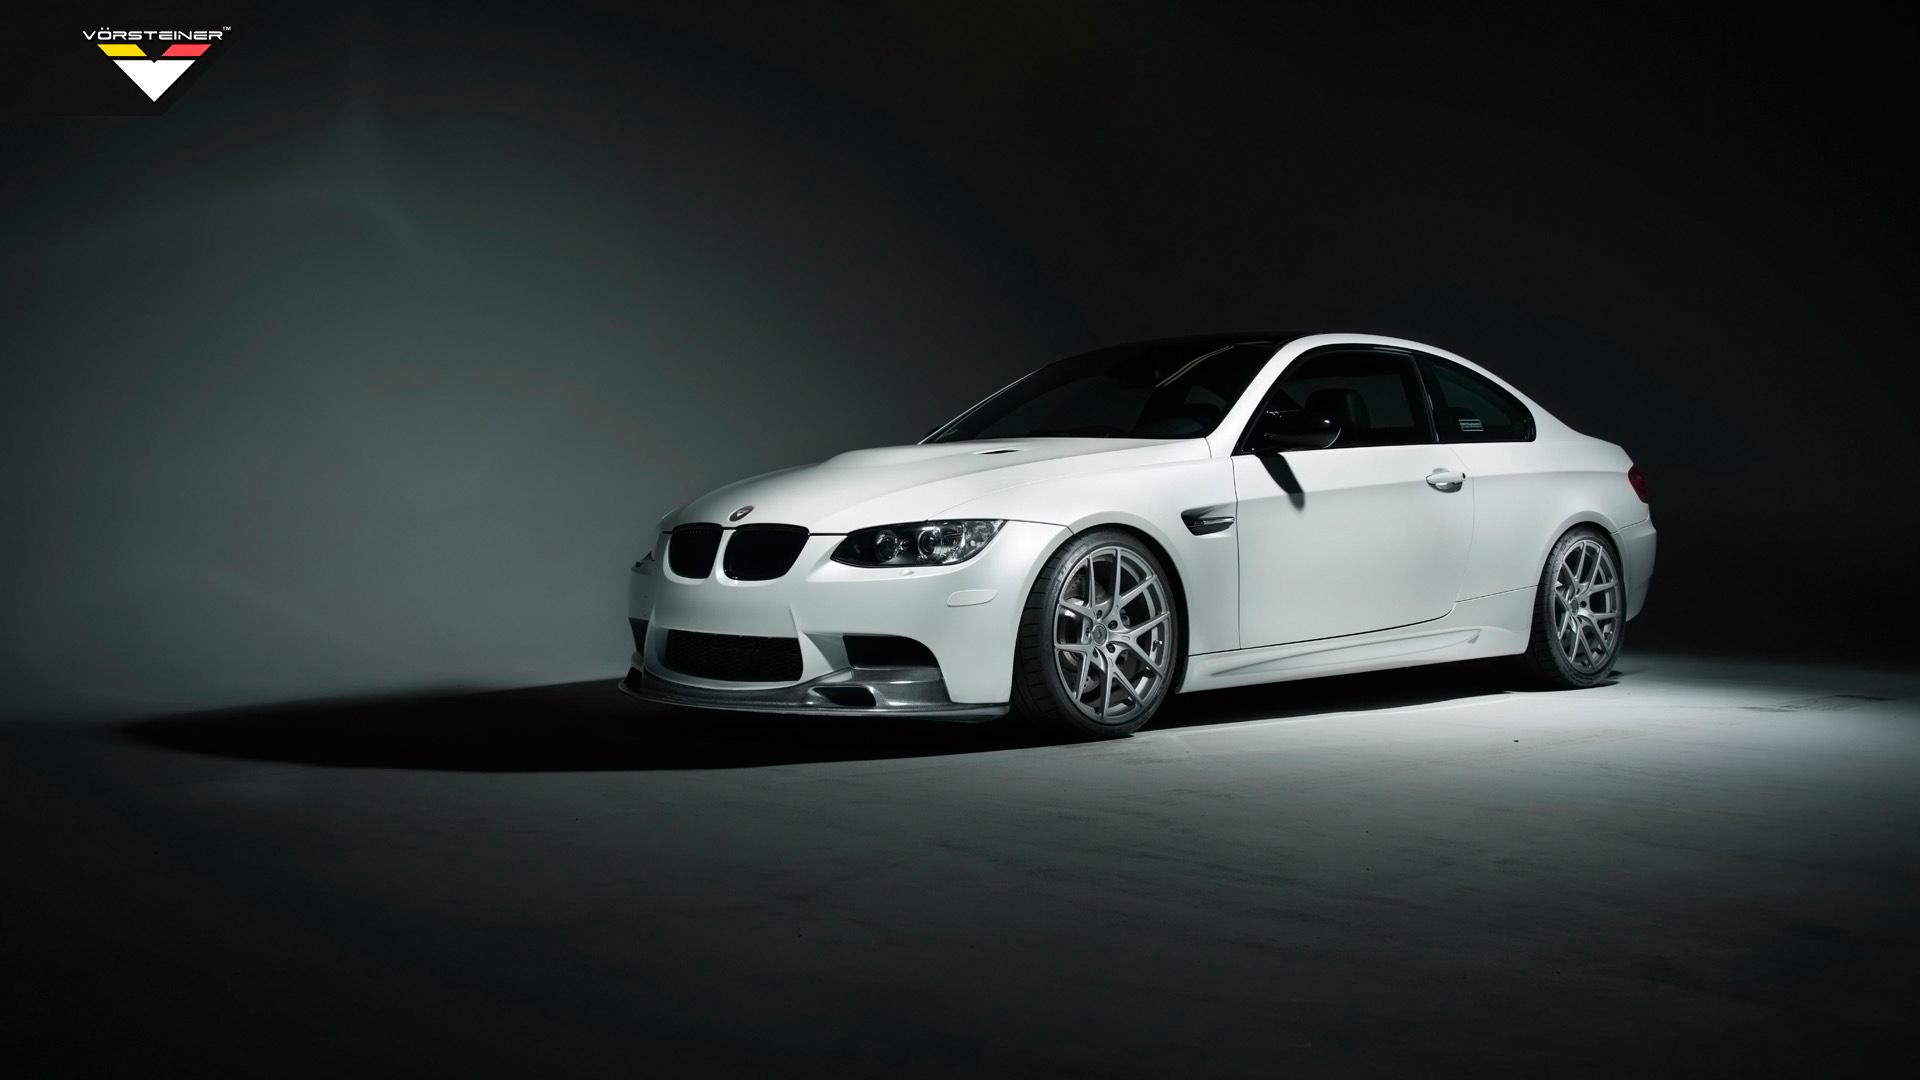 2014 BMW E92 M3 By Vorsteiner Wallpaper | HD Car ...